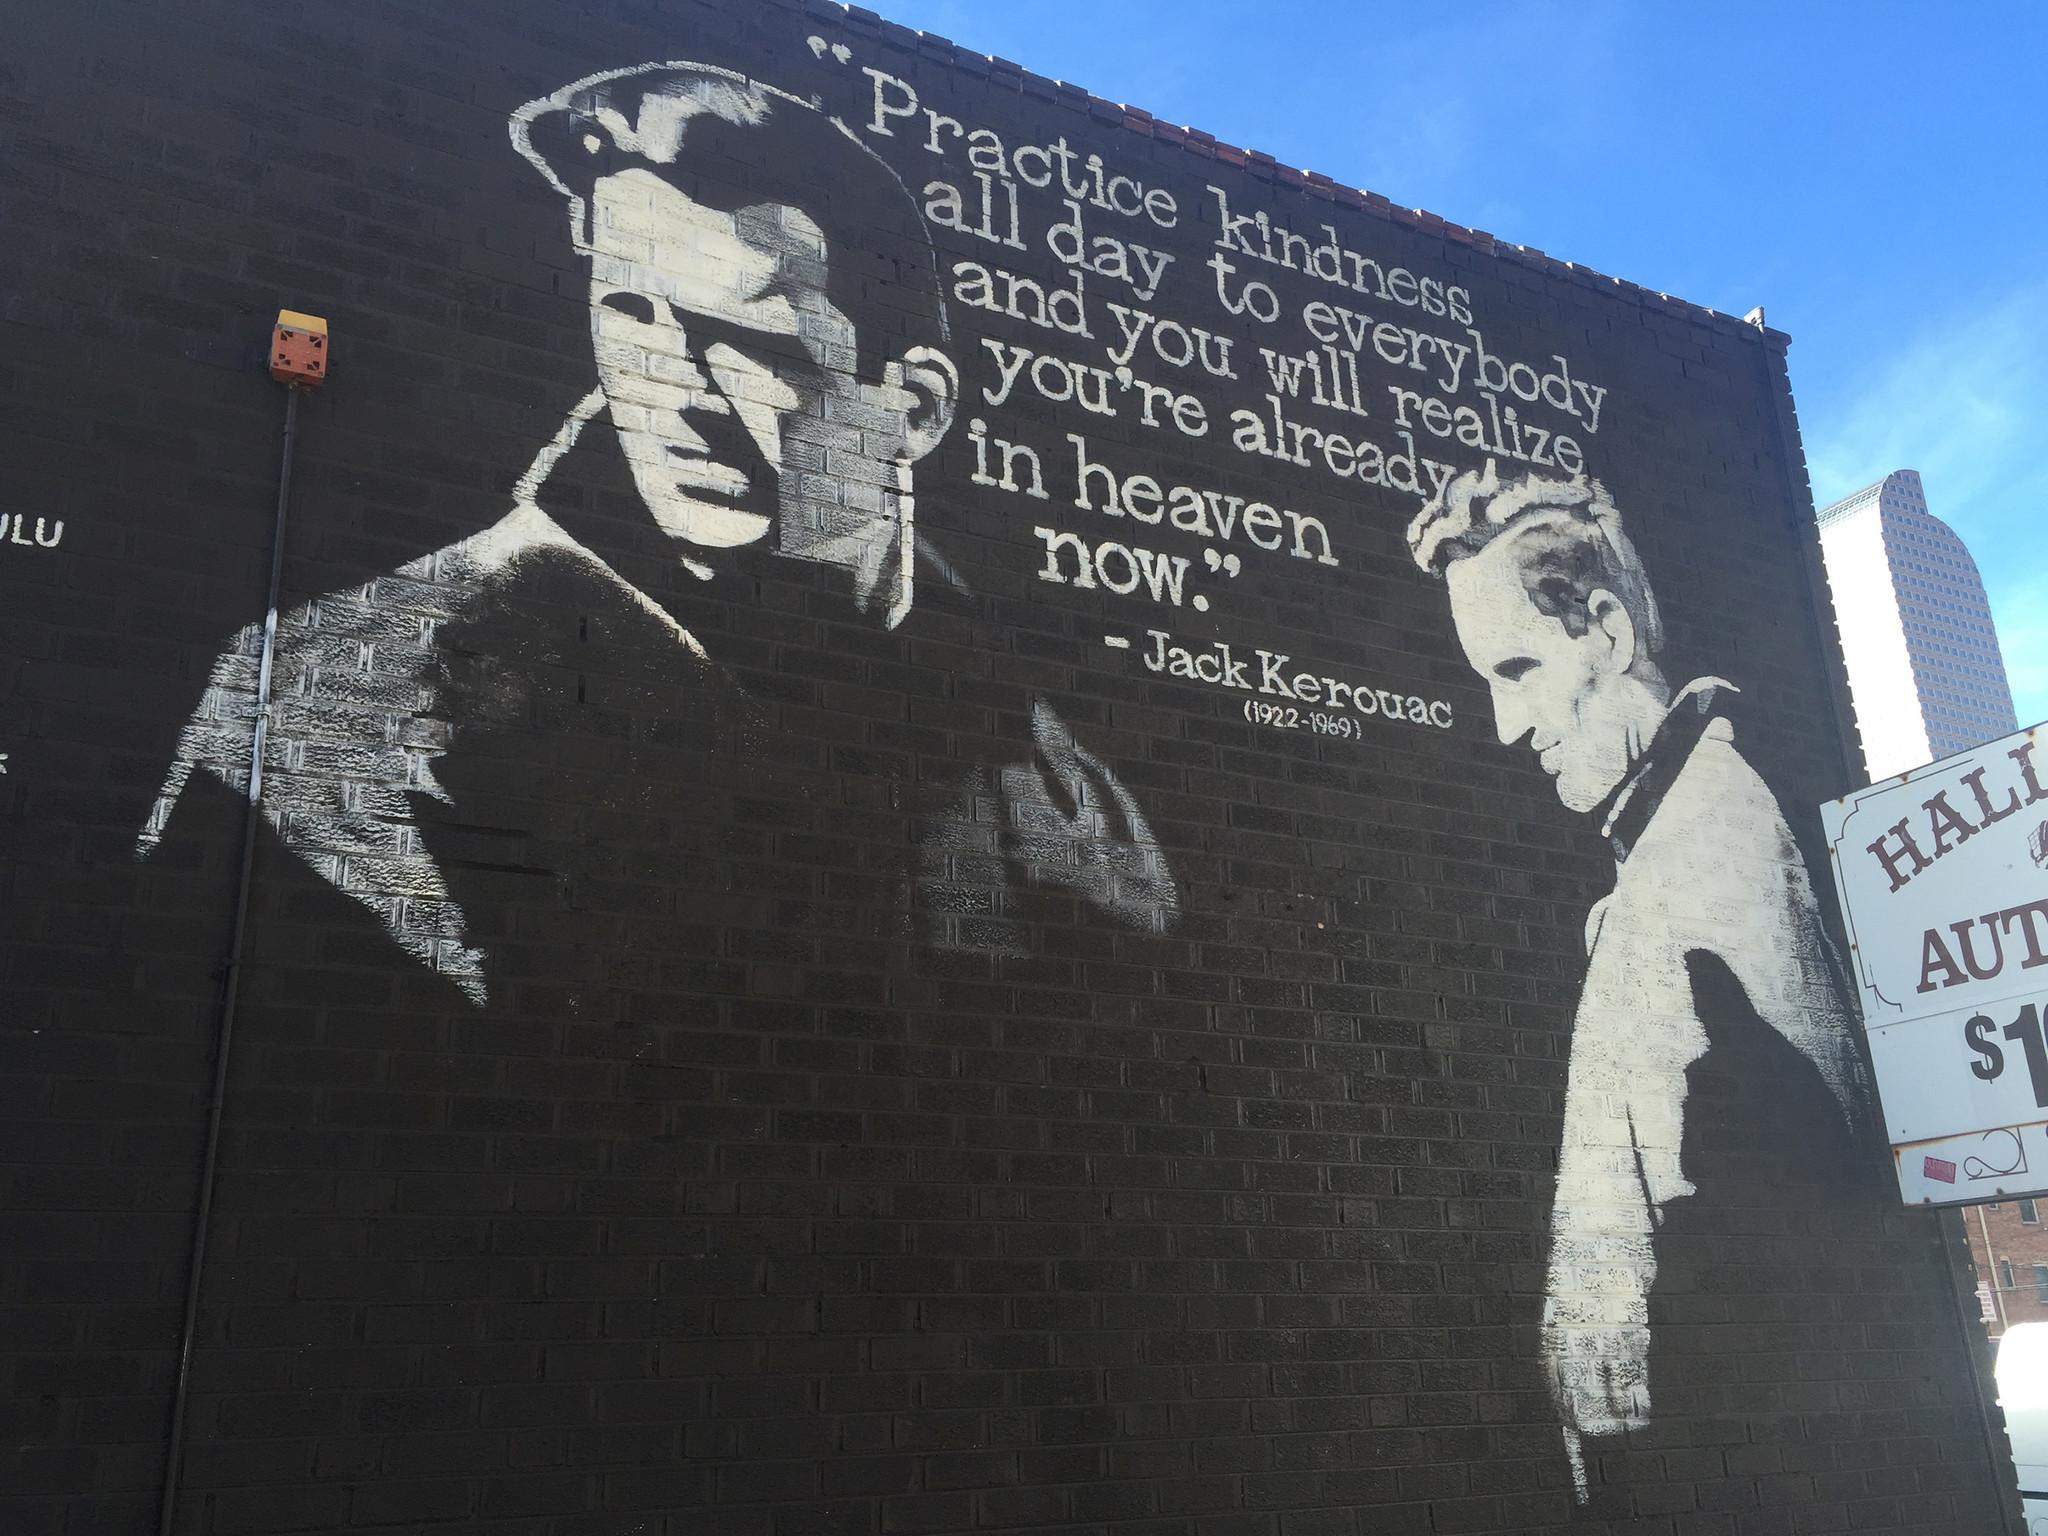 Jack Kerouac mural